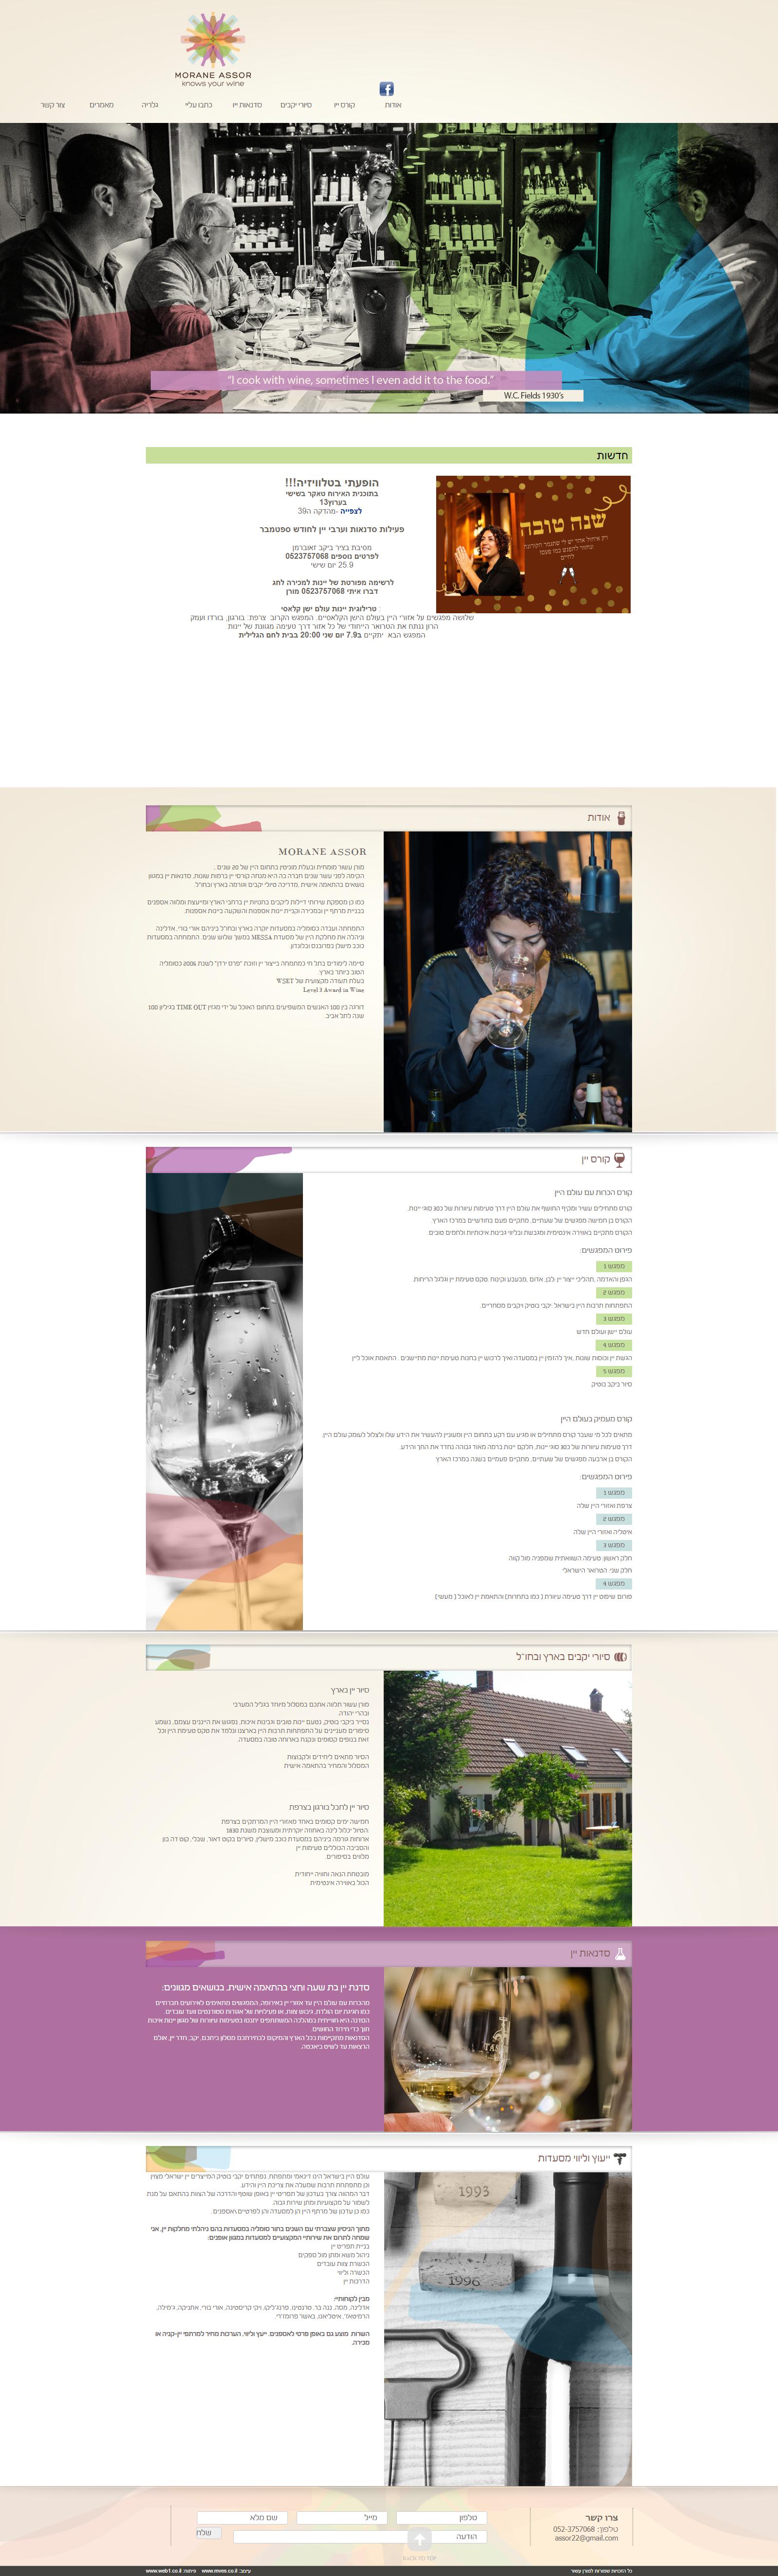 מורן עשור - מומחית ובעלת מוניטין בתחום היין